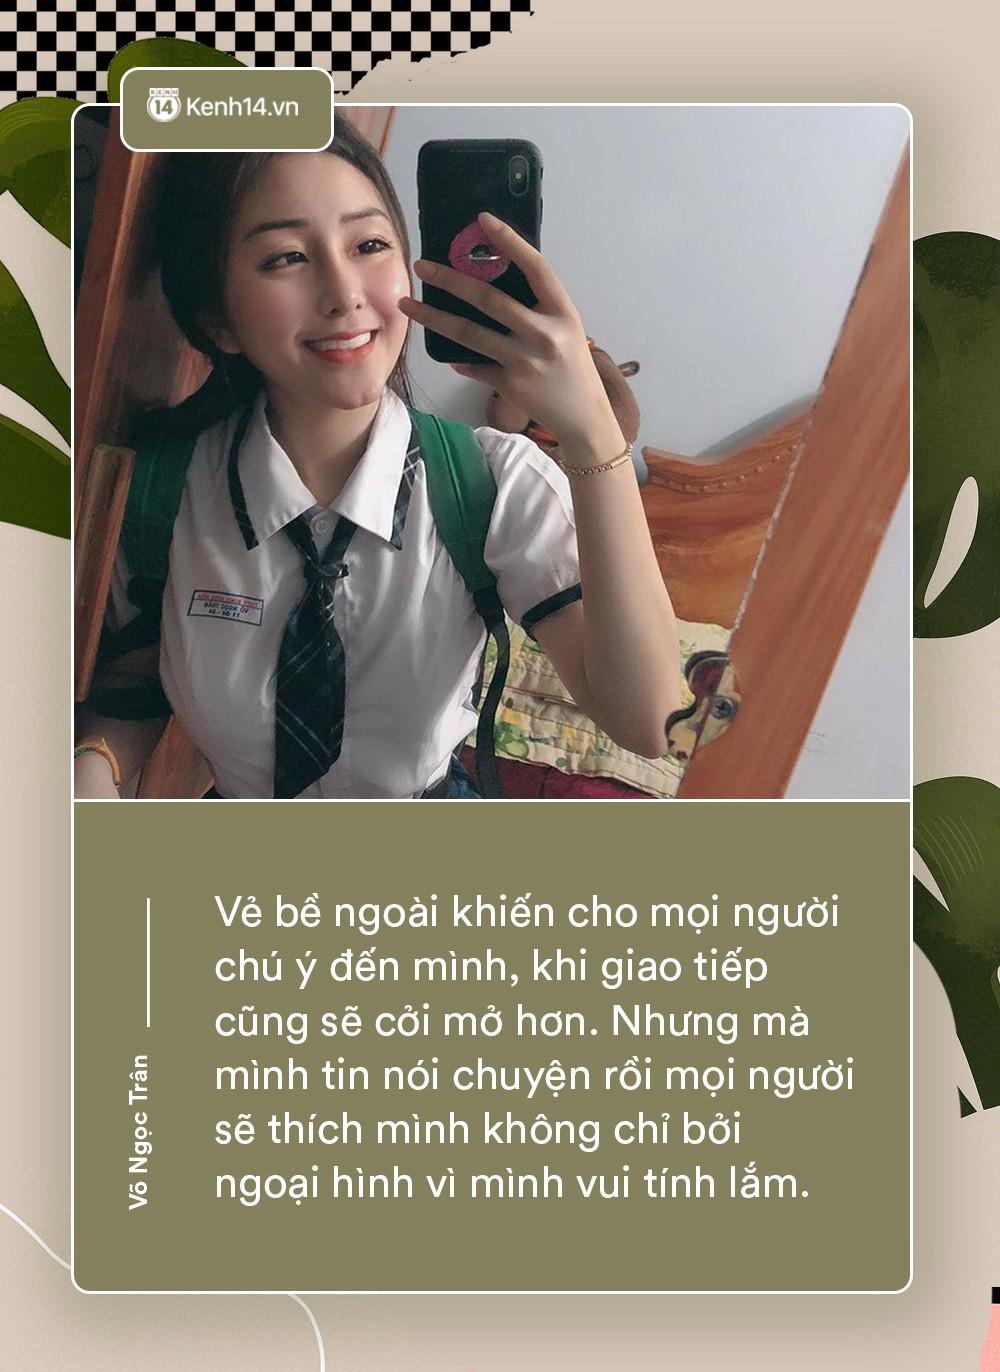 Võ Ngọc Trân - nữ sinh cấp 3 đang hot nhất Sài Gòn: Không cần người đẹp trai và quá giàu có, vì mình có thể kiếm được tiền - Ảnh 1.